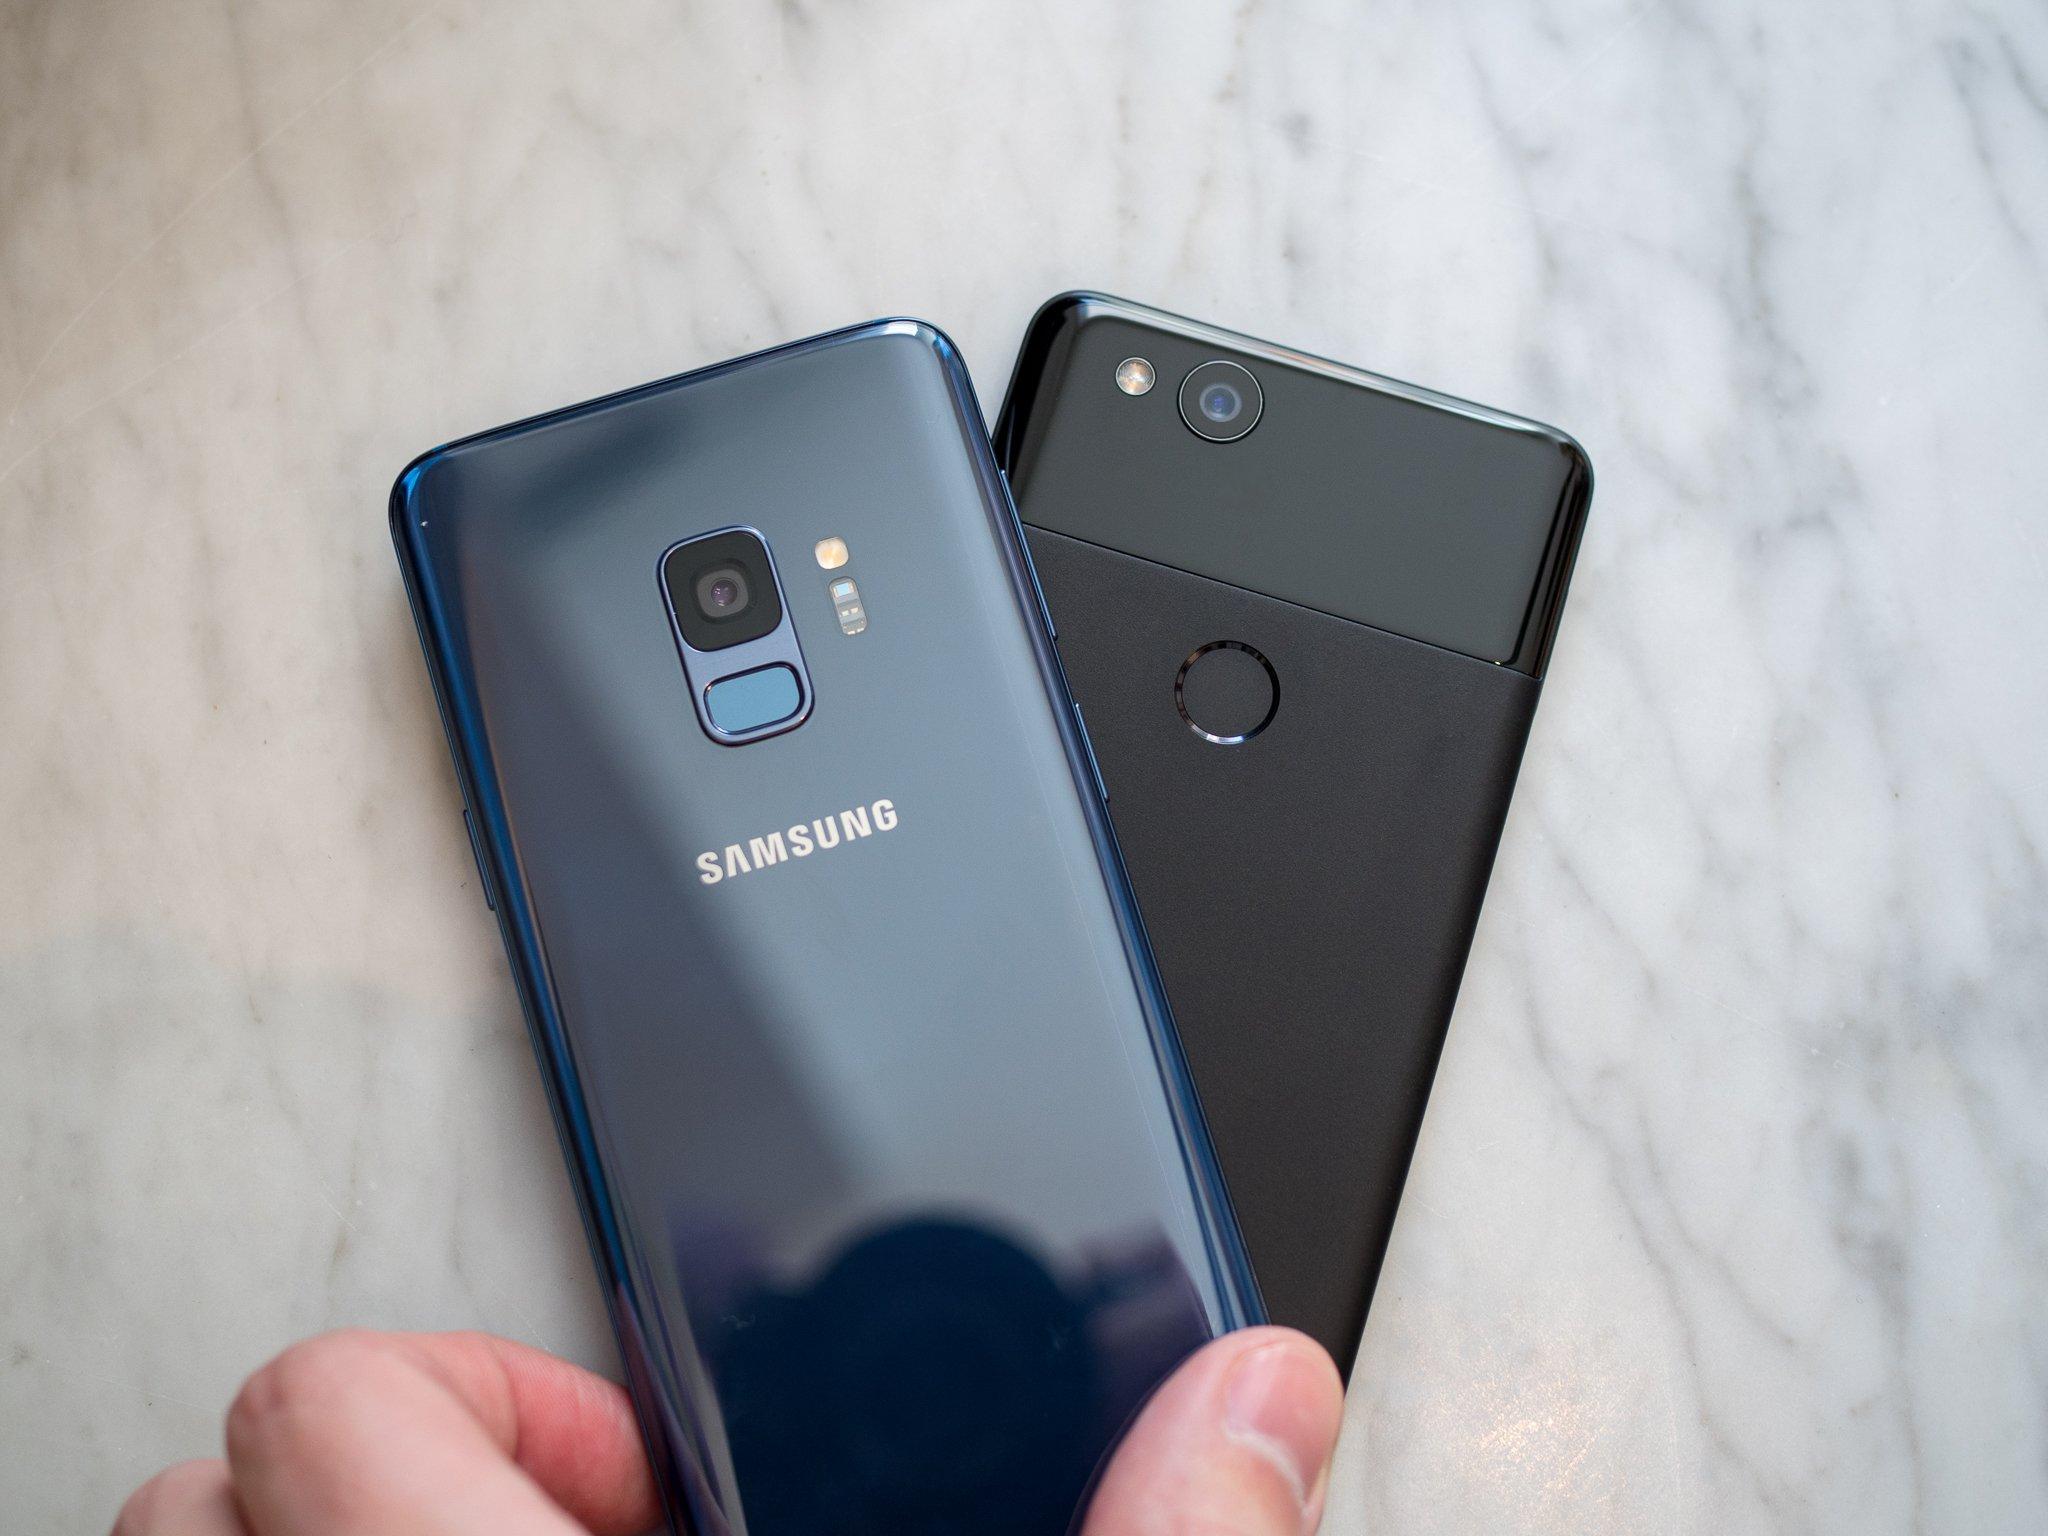 Aweinspiring Samsung Galaxy Google Pixel Samsung Galaxy Google Pixel Which Should You Buy Google Pixel 32gb Vs Galaxy S7 Google Pixel Vs Galaxy S7 Camera dpreview Google Pixel Vs Galaxy S7